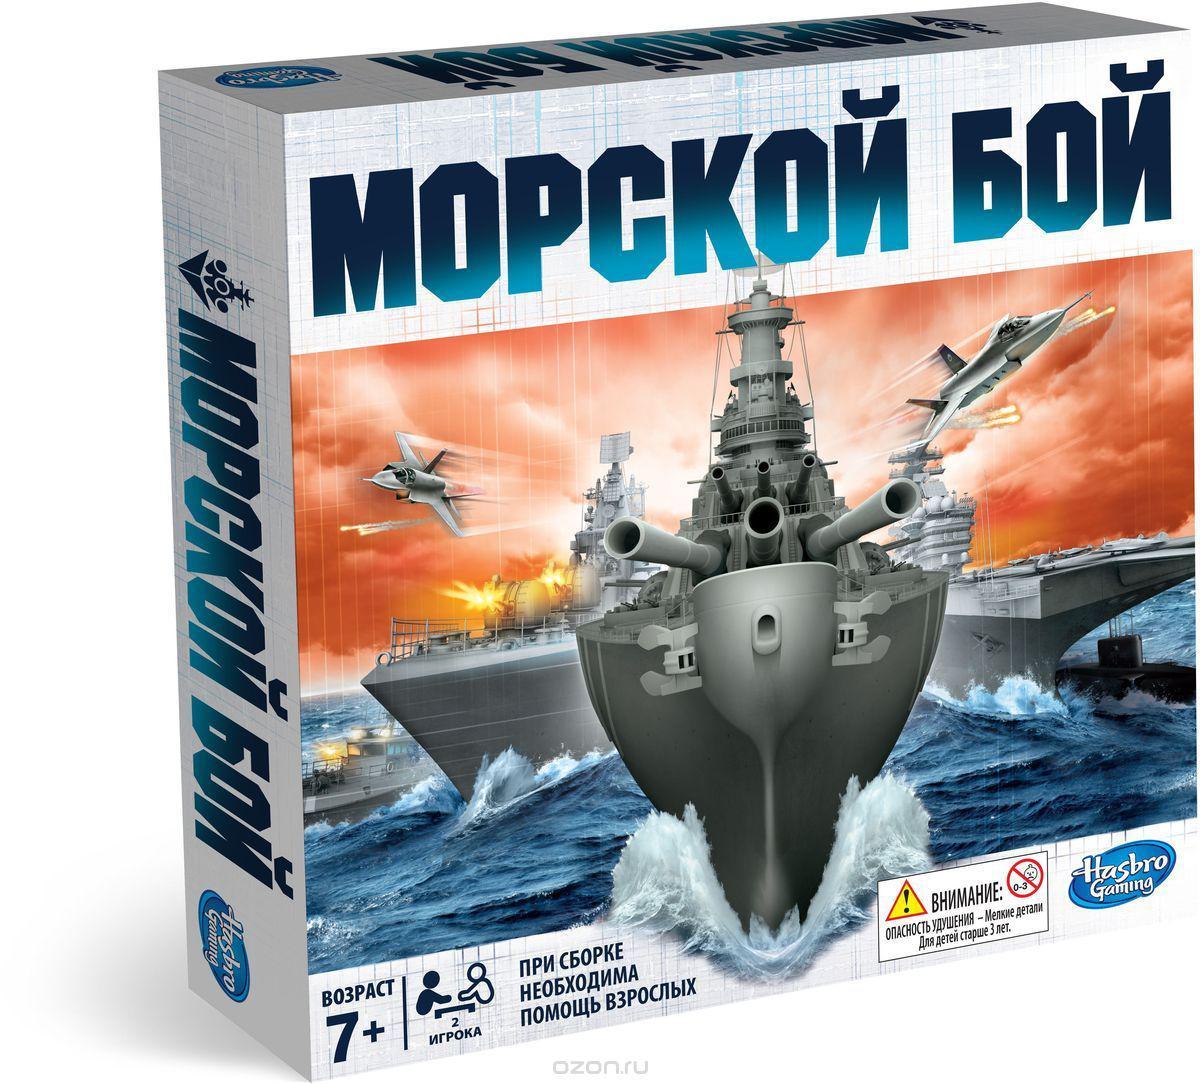 Морской бой. Компактная версия